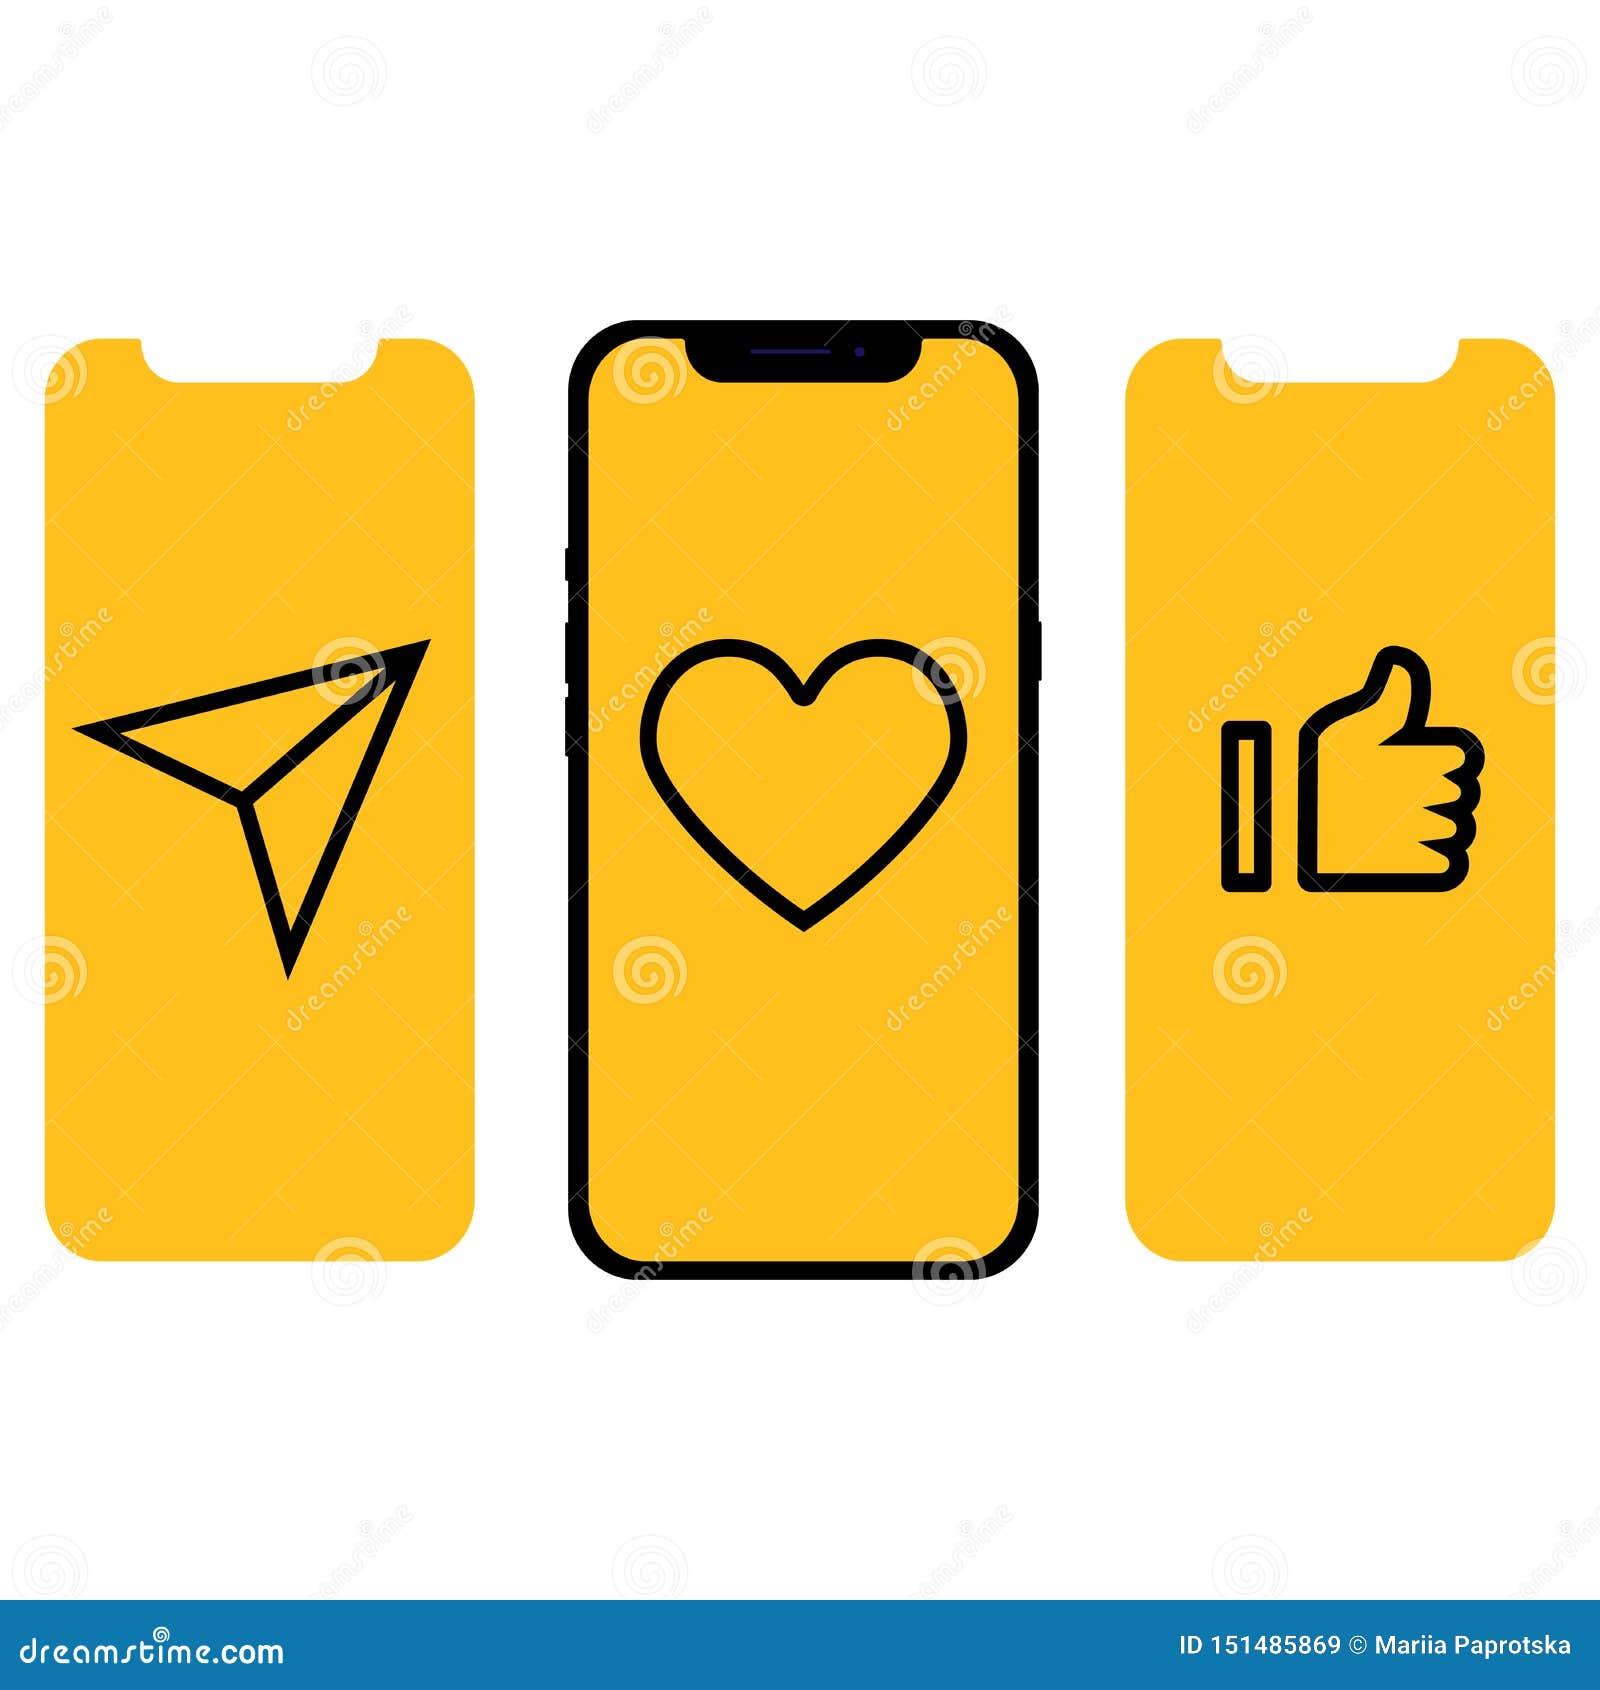 Diverso diseño UI, pantallas e iconos para el móvil